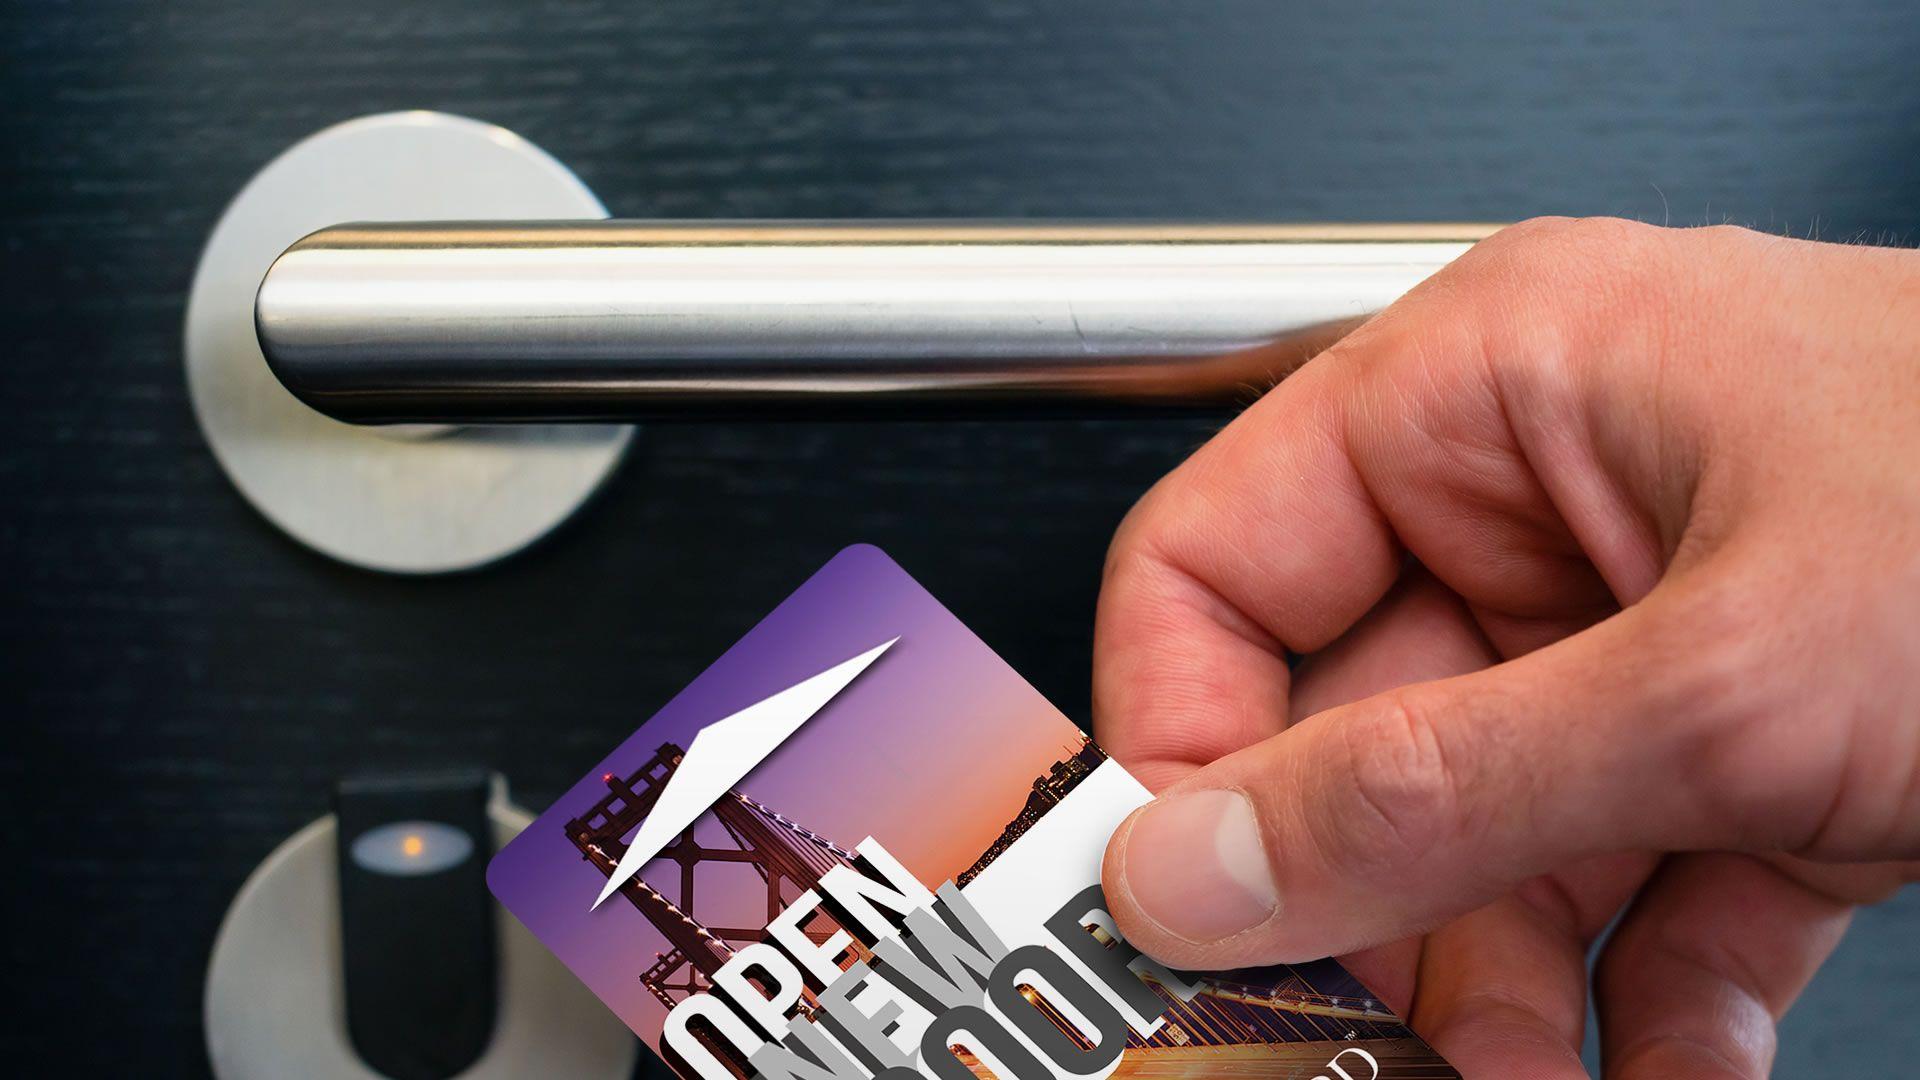 ¿Son seguras las llaves con tarjetas de los hoteles? No tanto como creemos